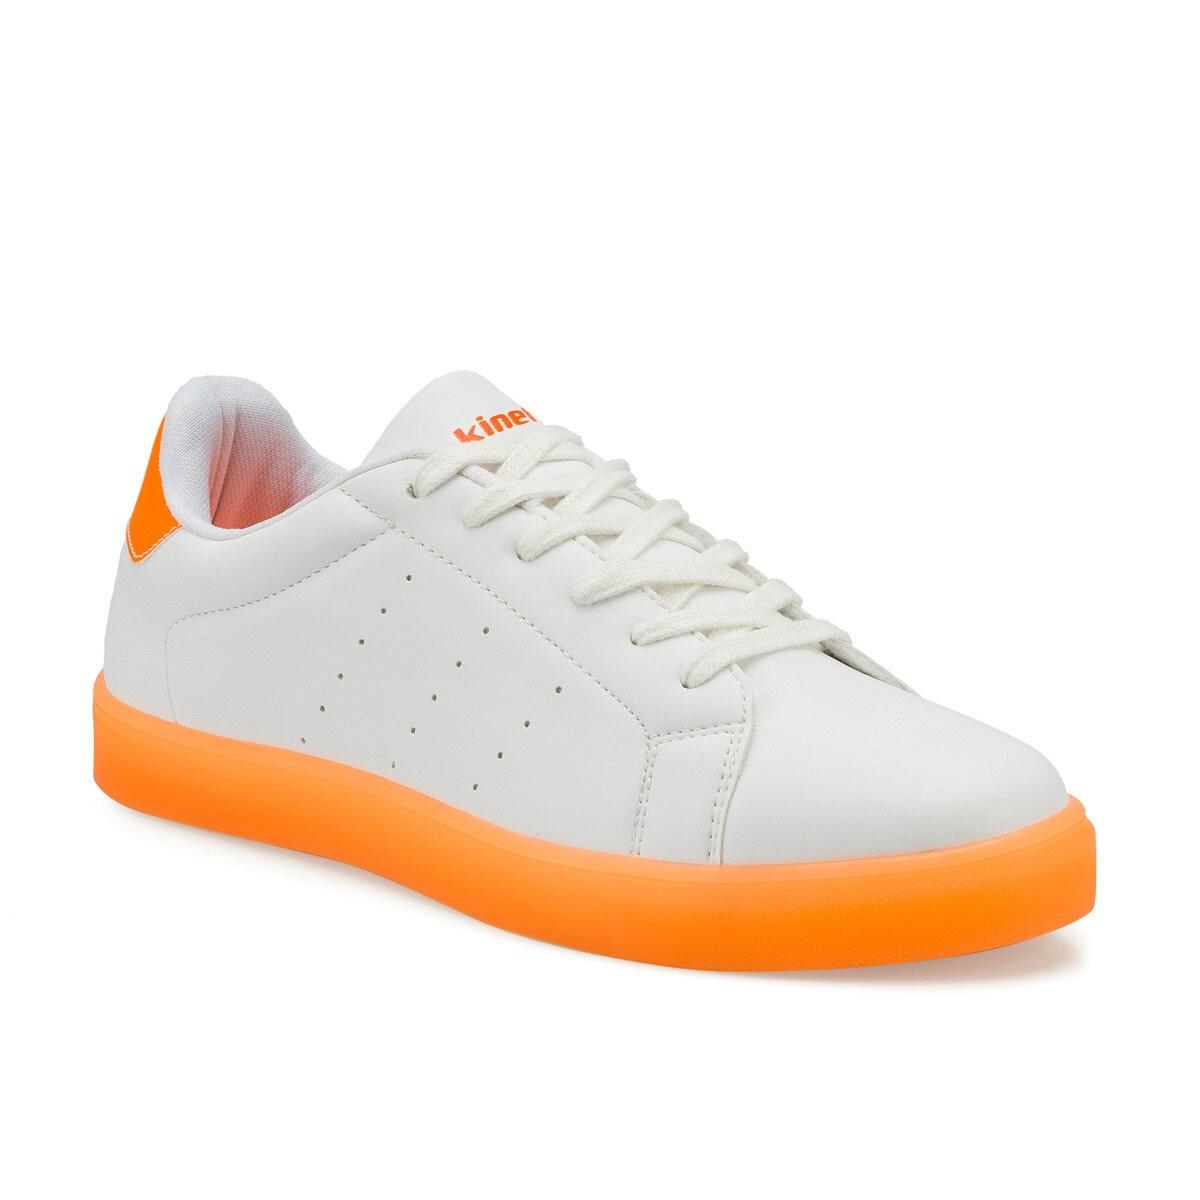 FLO HARVEY White Male Sneaker KINETIX